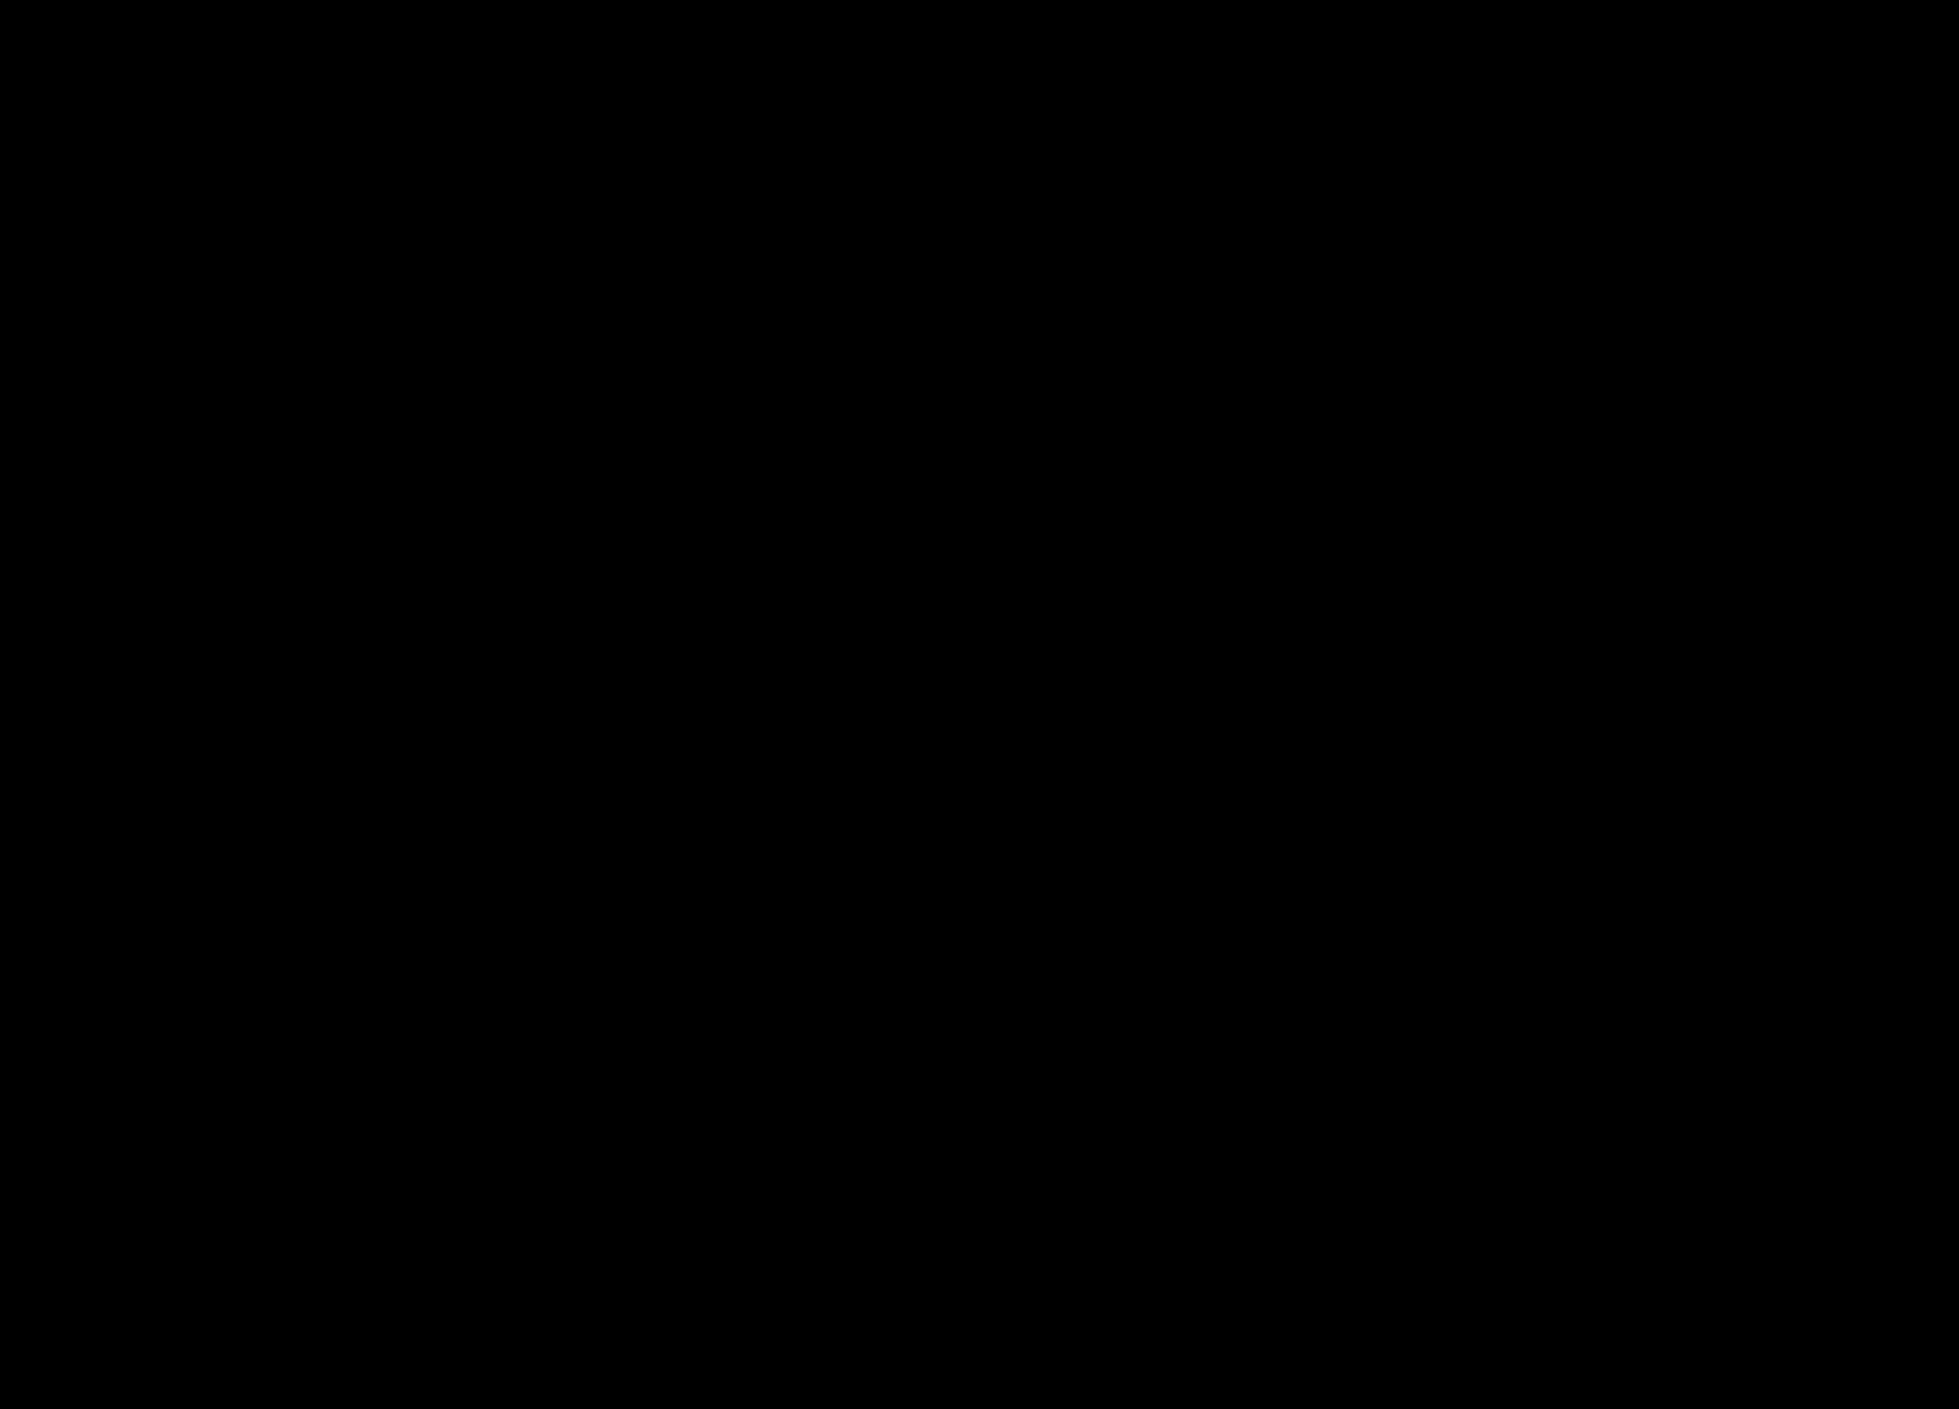 ugg-australia-logo-png-transparent.png